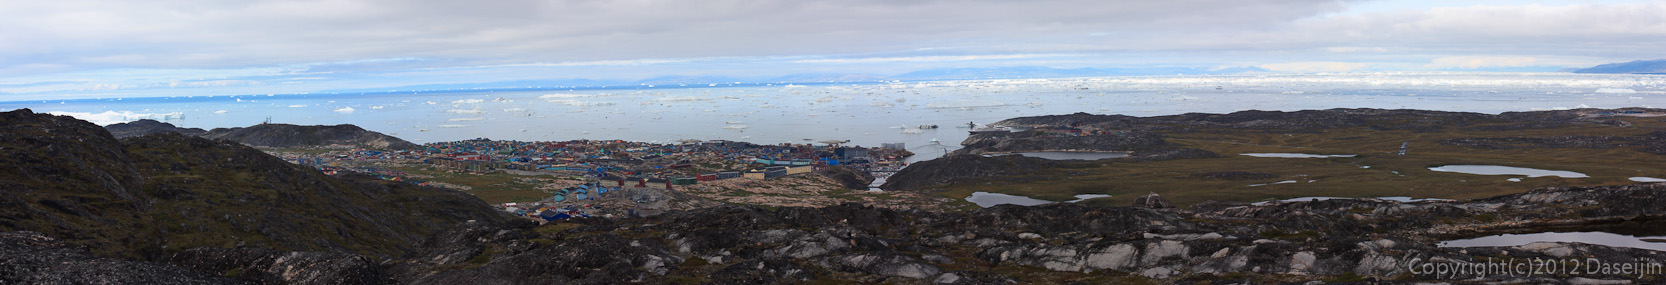 120811アイスランド、グリーンランドの旅・丘の上からイルリサット全景